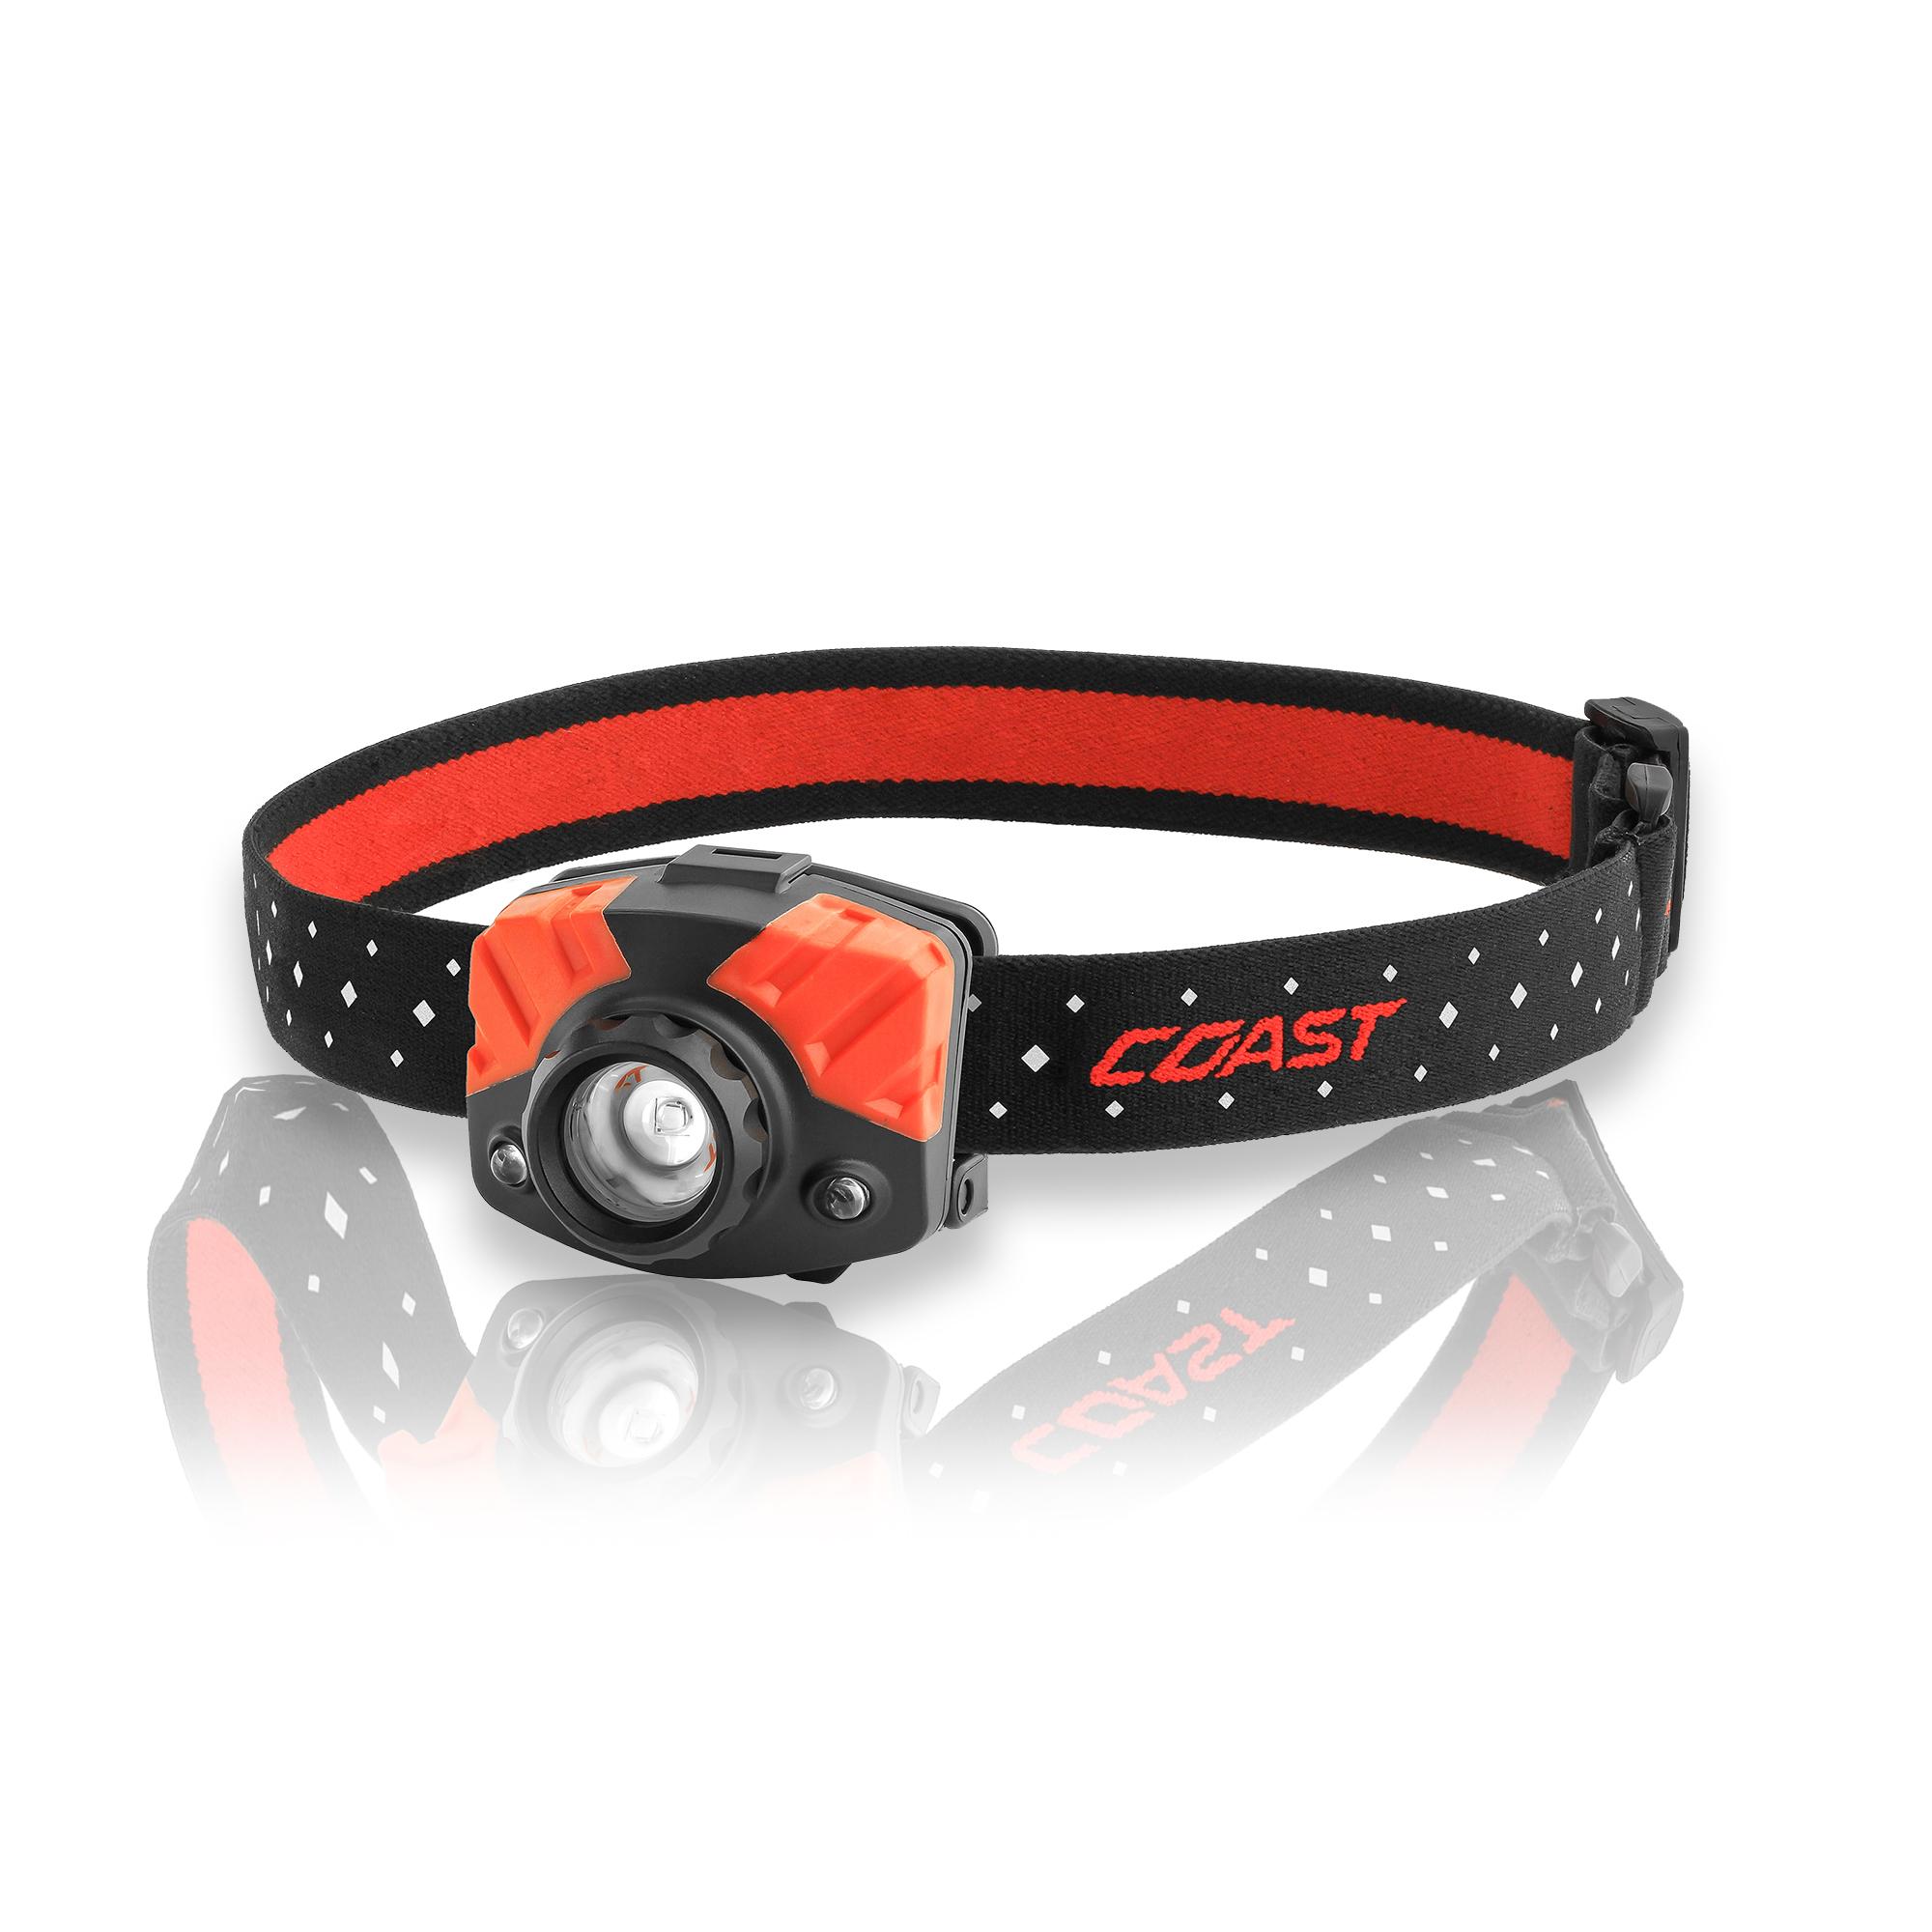 Coast FL75R LED-Stirnlampe mit Rotlicht, batterie- oder akkubetrieben 20455